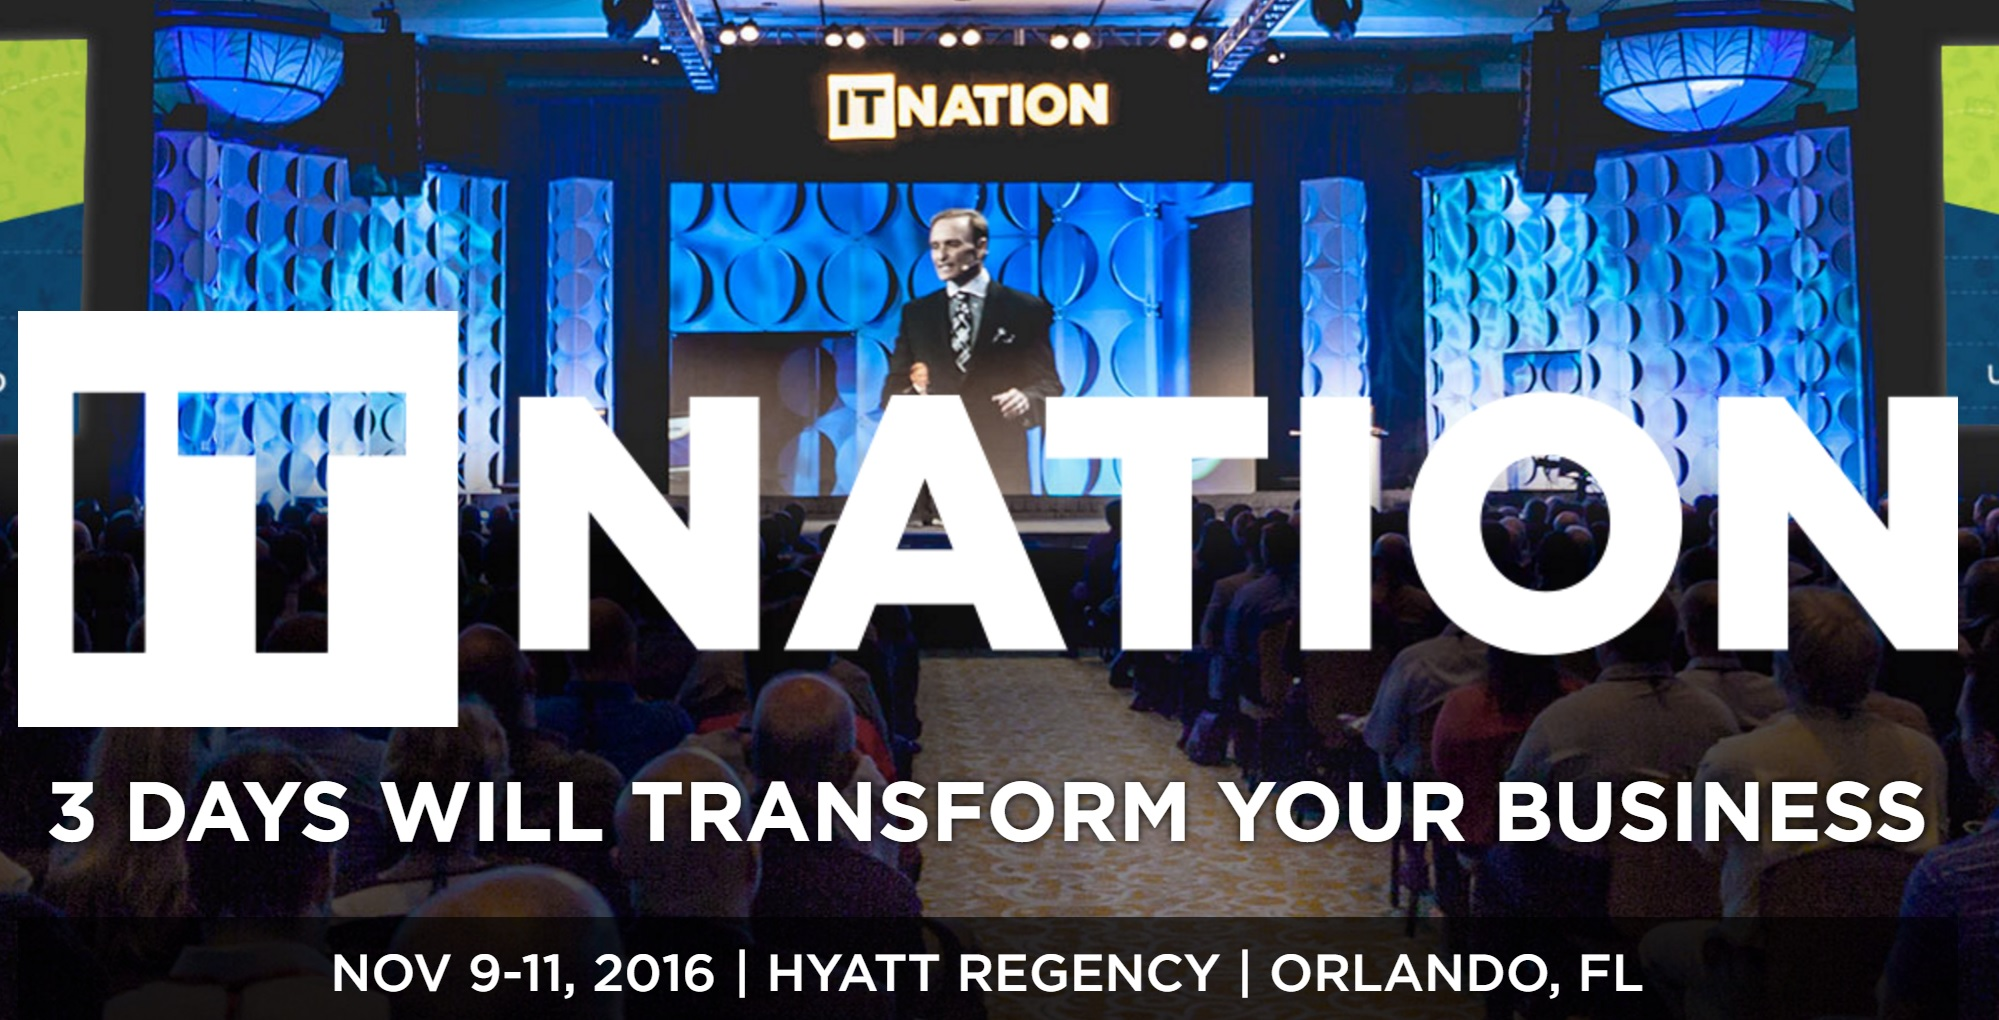 itnation2016.jpg